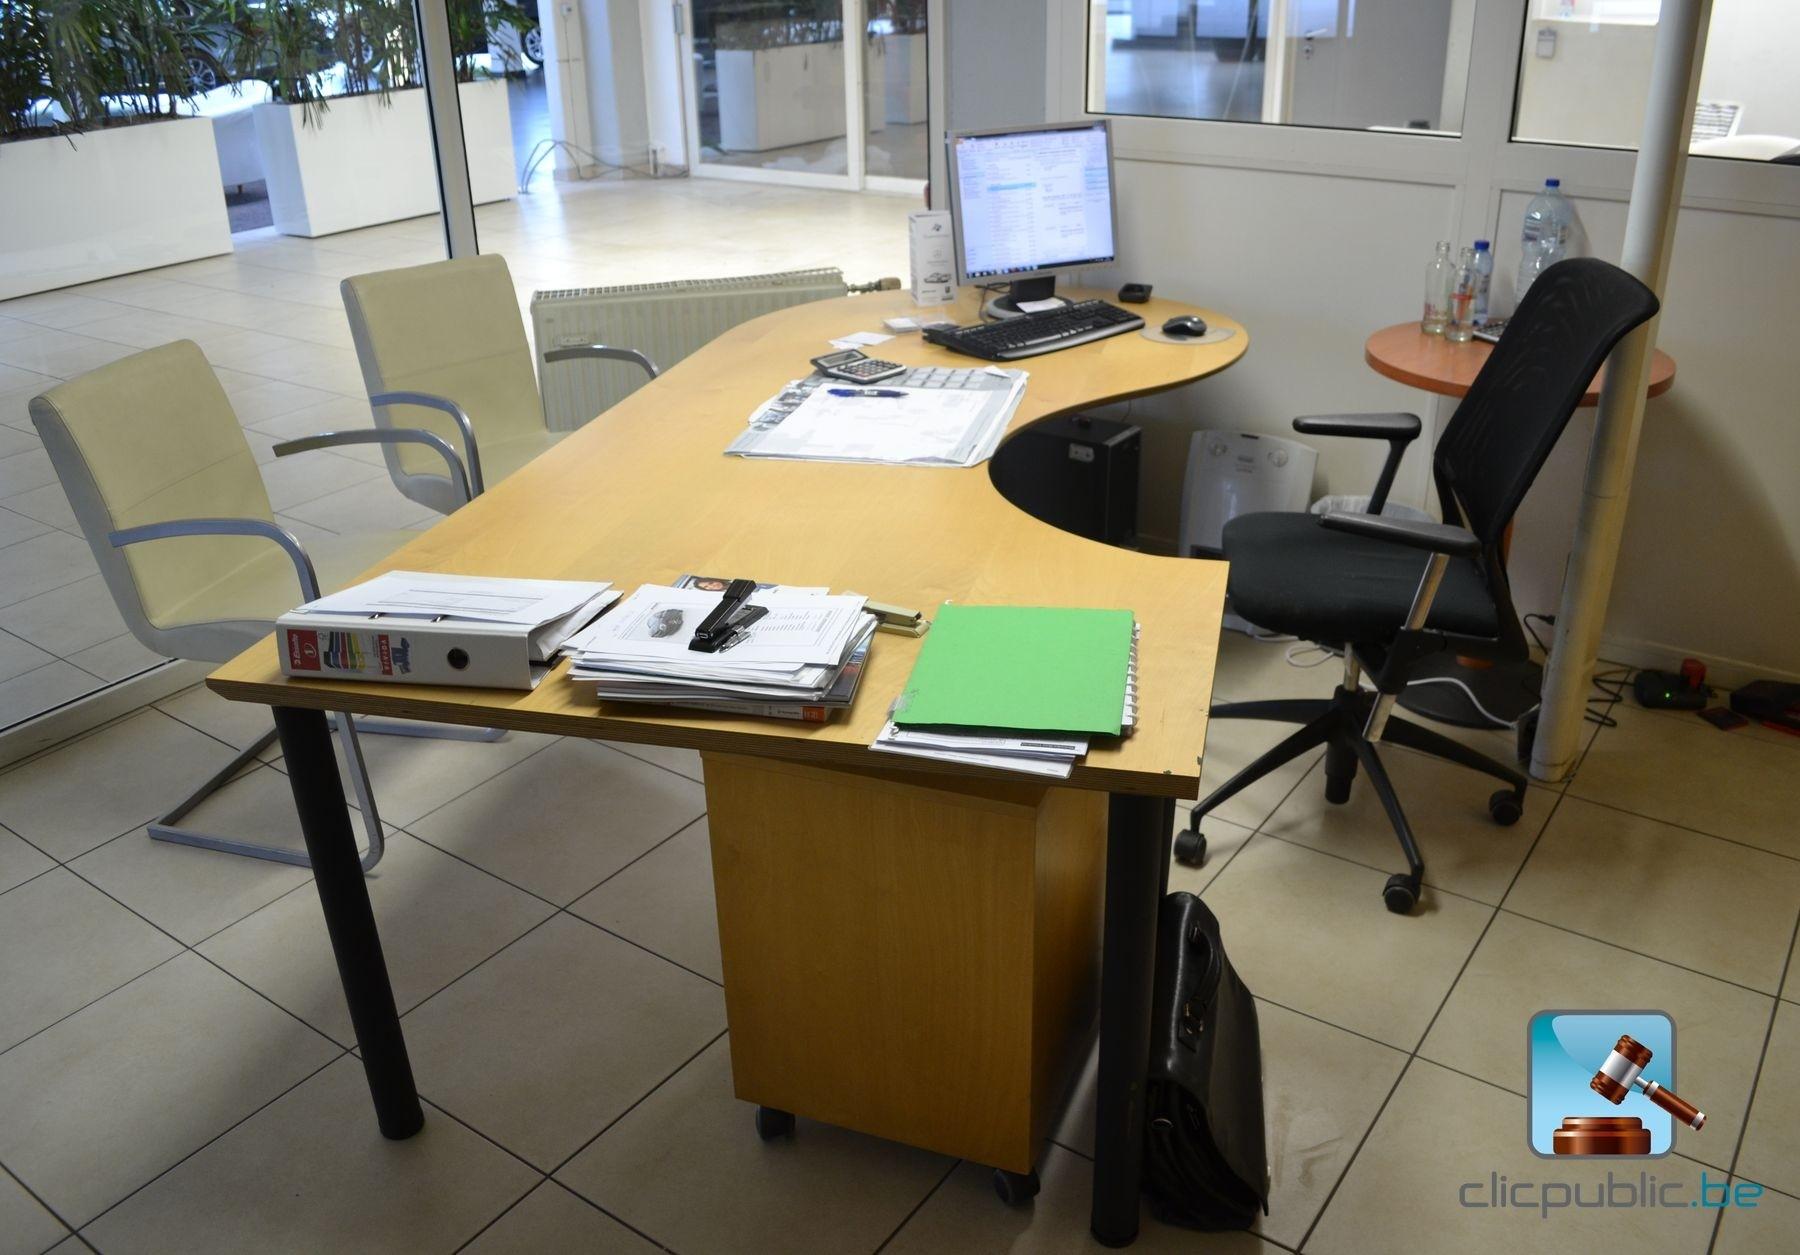 mobilier de bureau ref 51 vendre sur